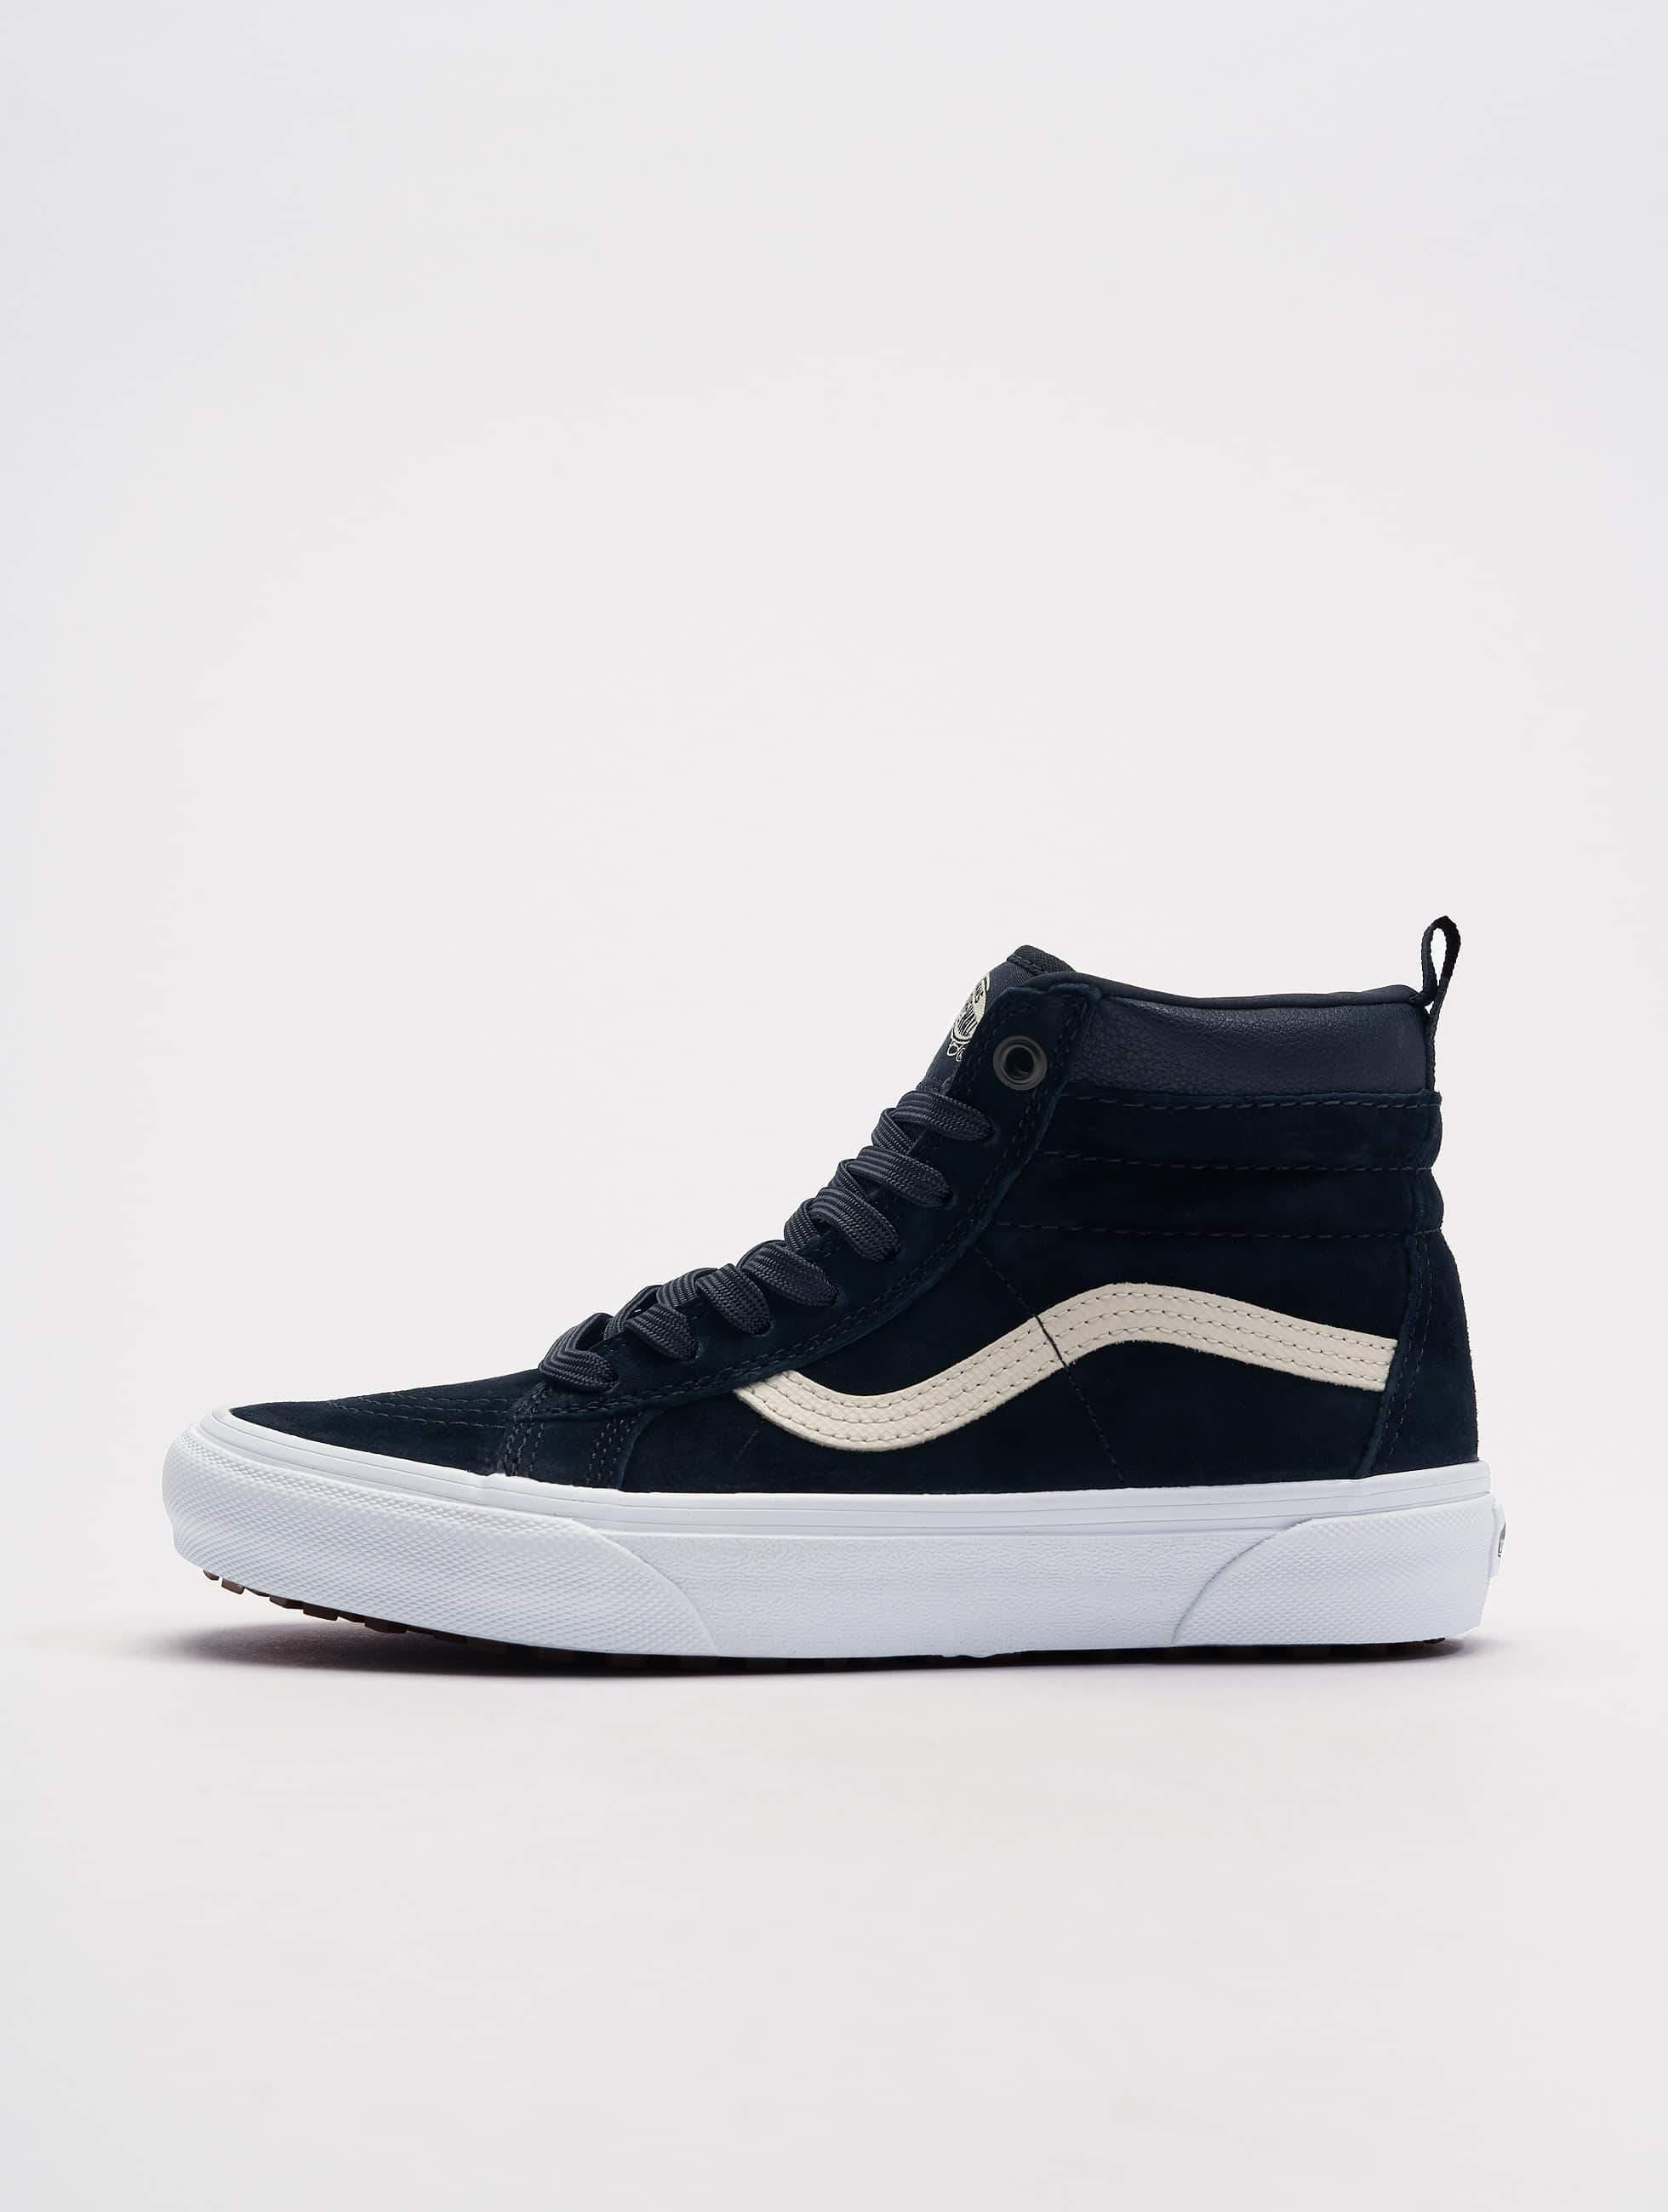 8d686ad69a6 Vans schoen / sneaker UA Sk8-Hi MTE in zwart 523625